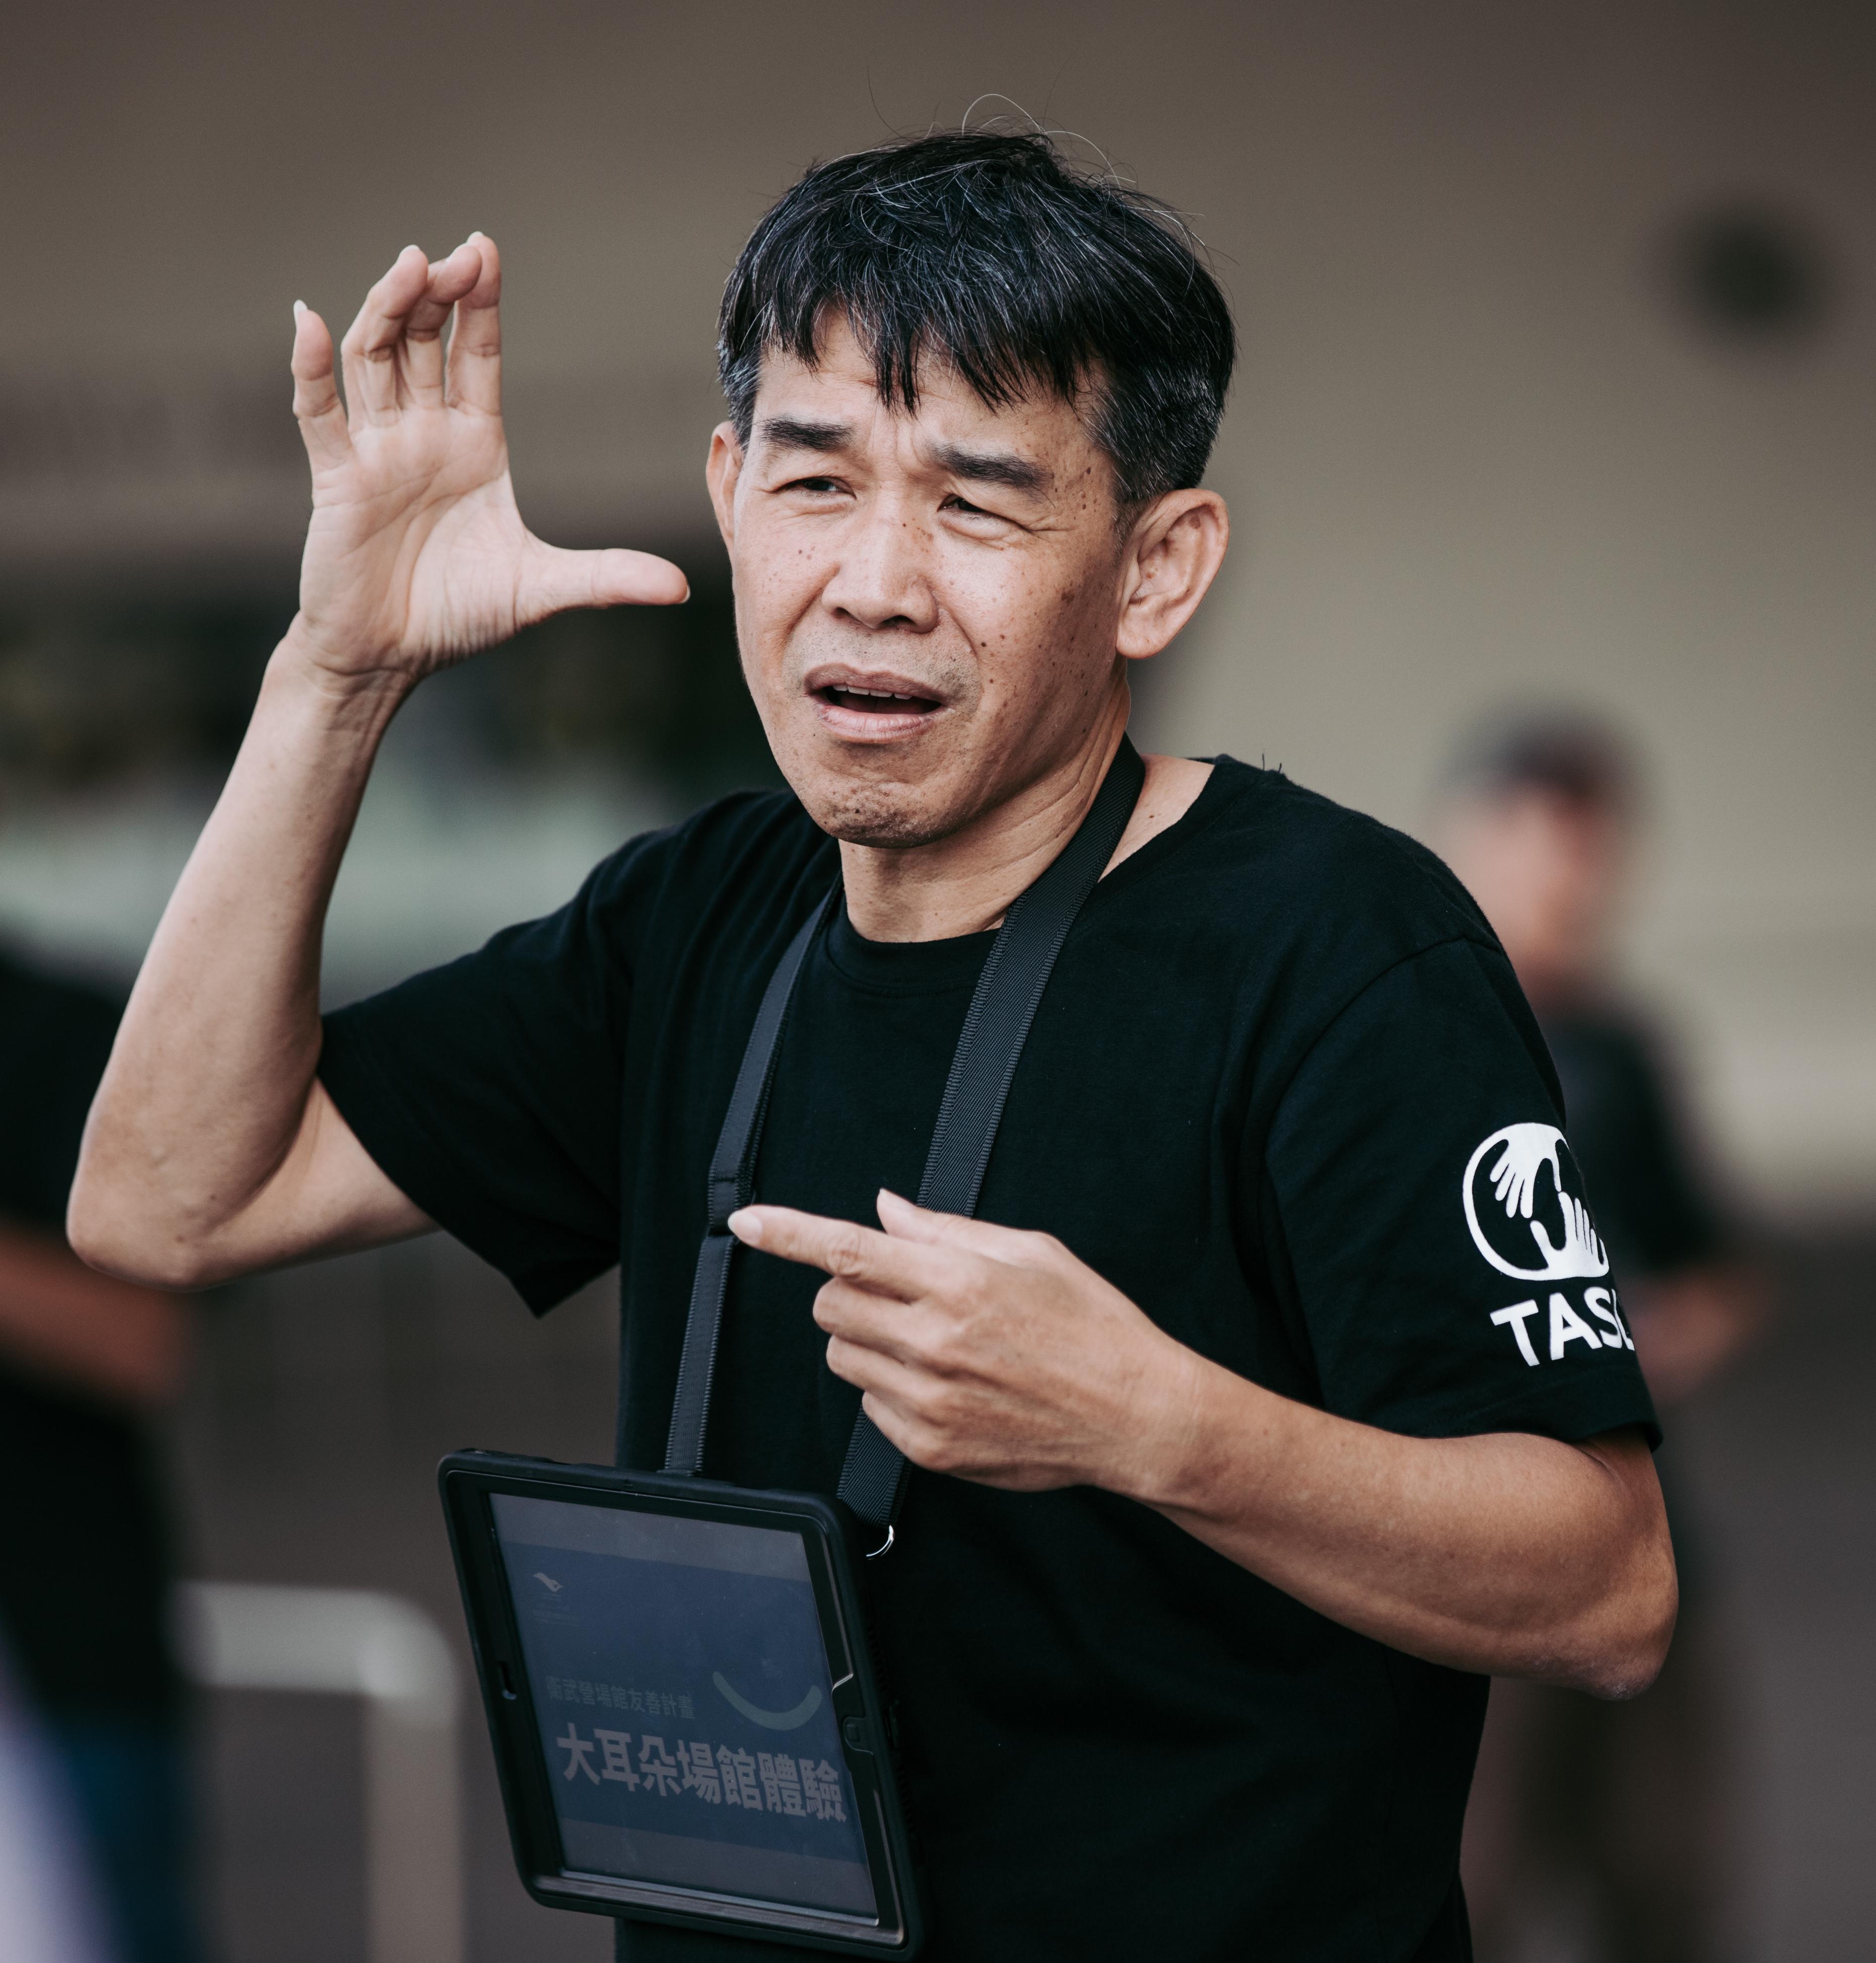 洪文廣|社團法人台灣手語翻譯協會聾人翻譯員